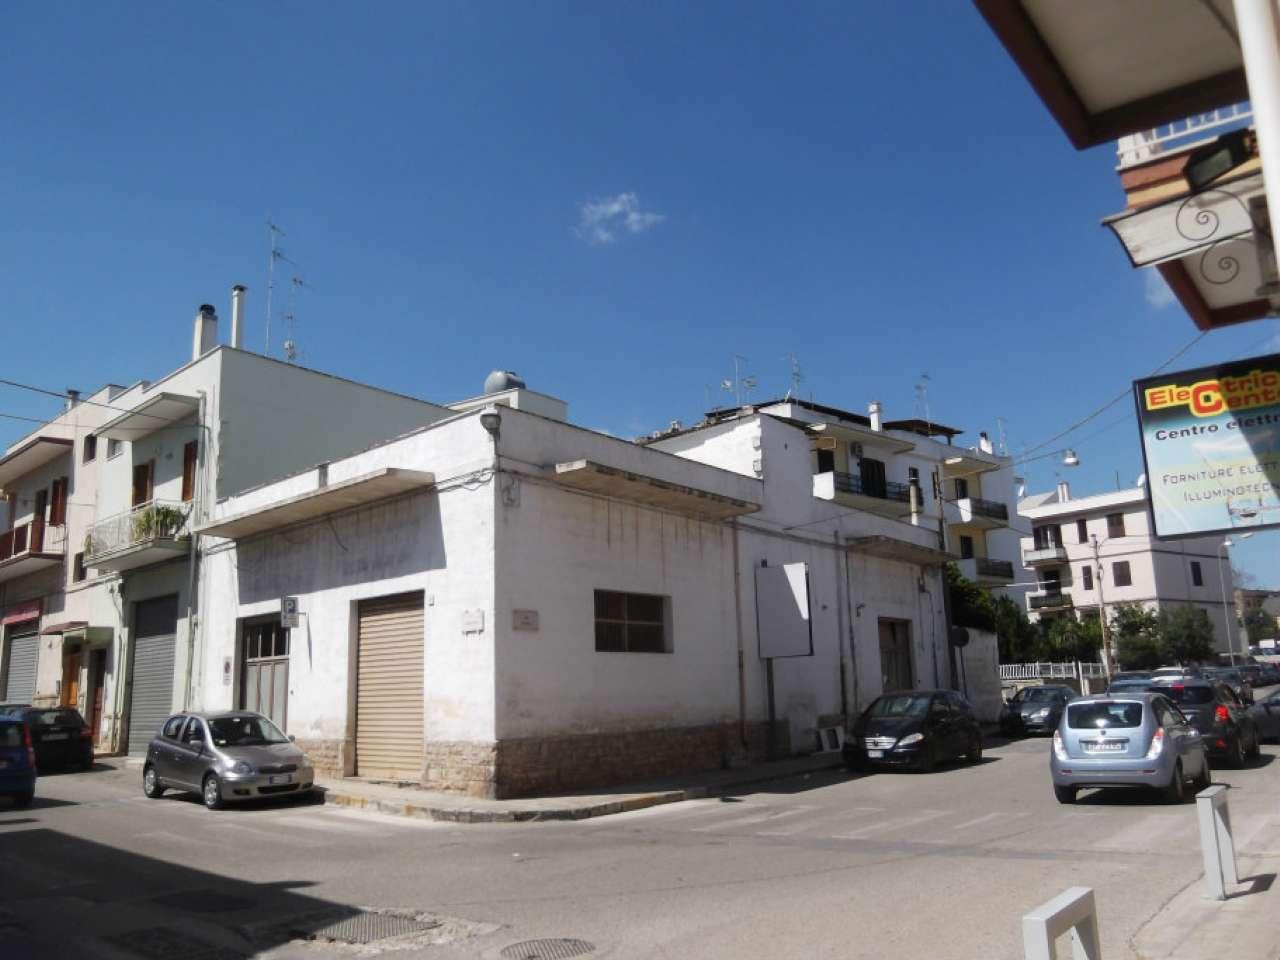 Negozio / Locale in vendita a Fasano, 2 locali, Trattative riservate | CambioCasa.it